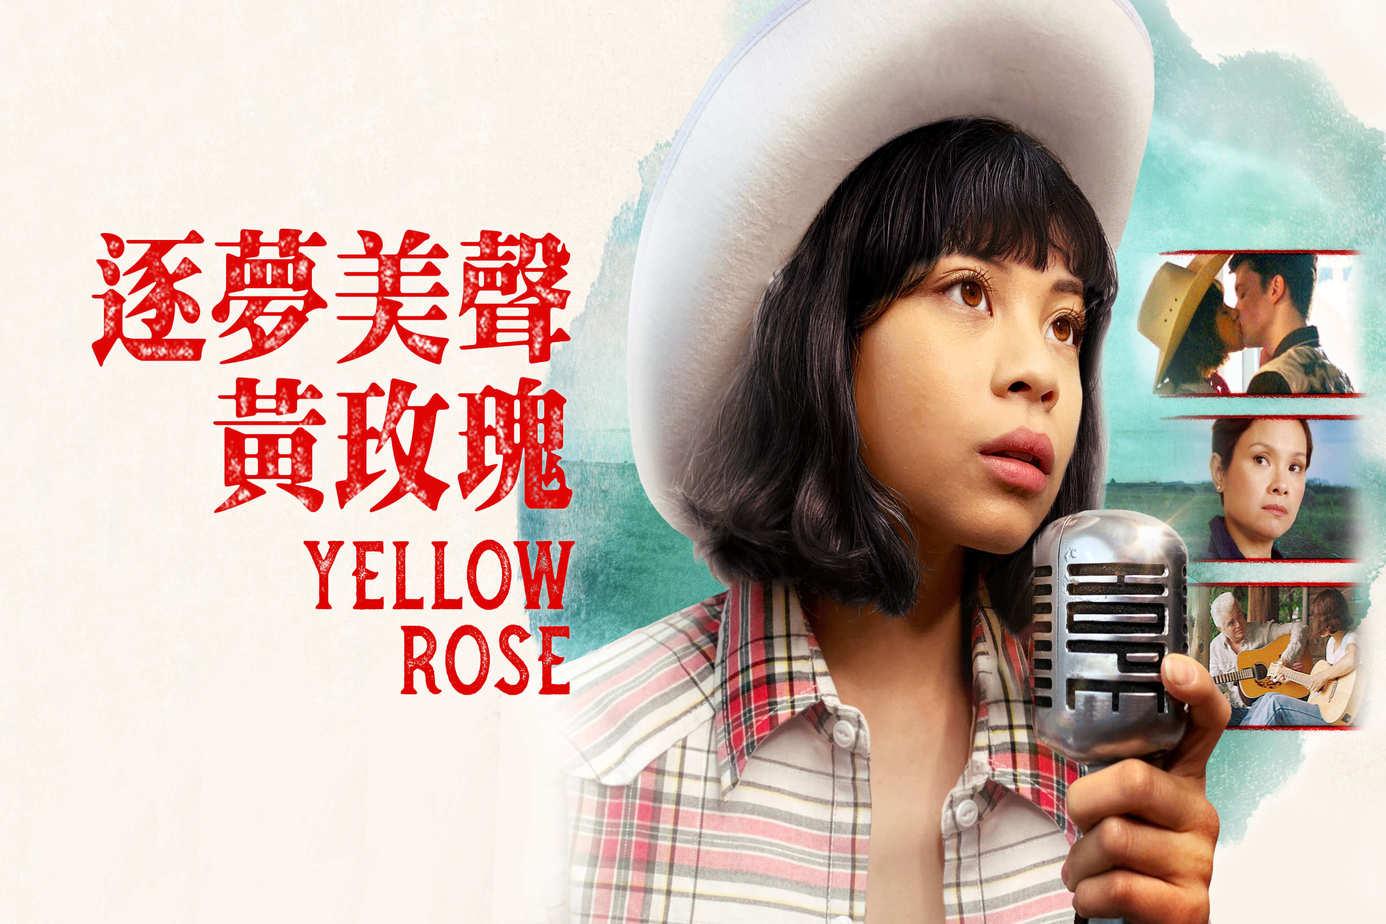 逐夢美聲黃玫瑰